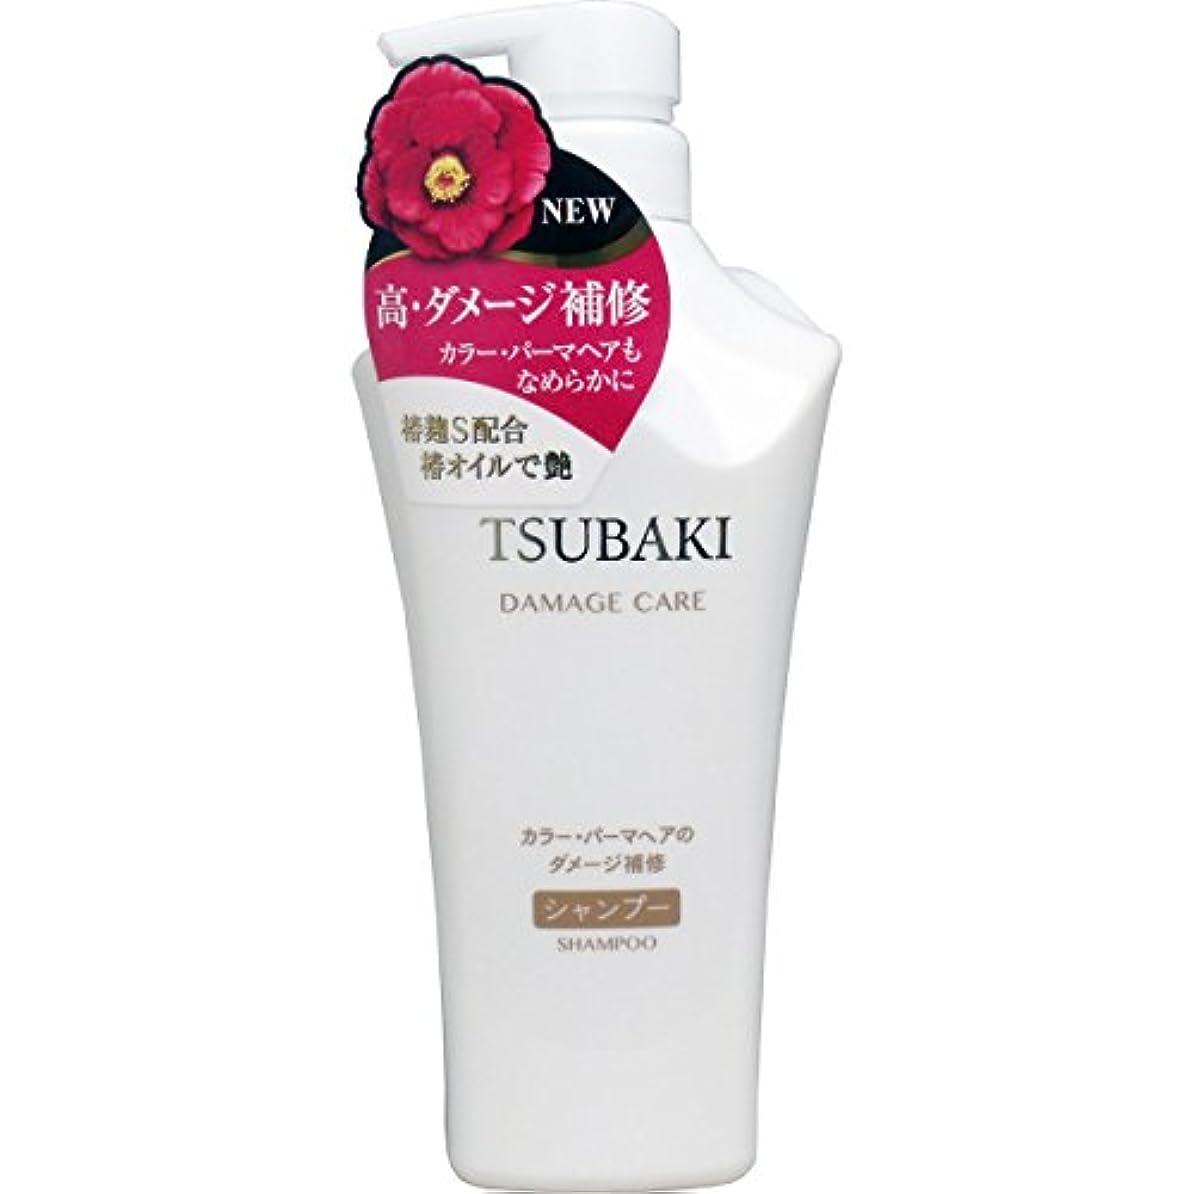 消去観光式TSUBAKIダメージケアシャンプー ジャンボサイズ × 3個セット